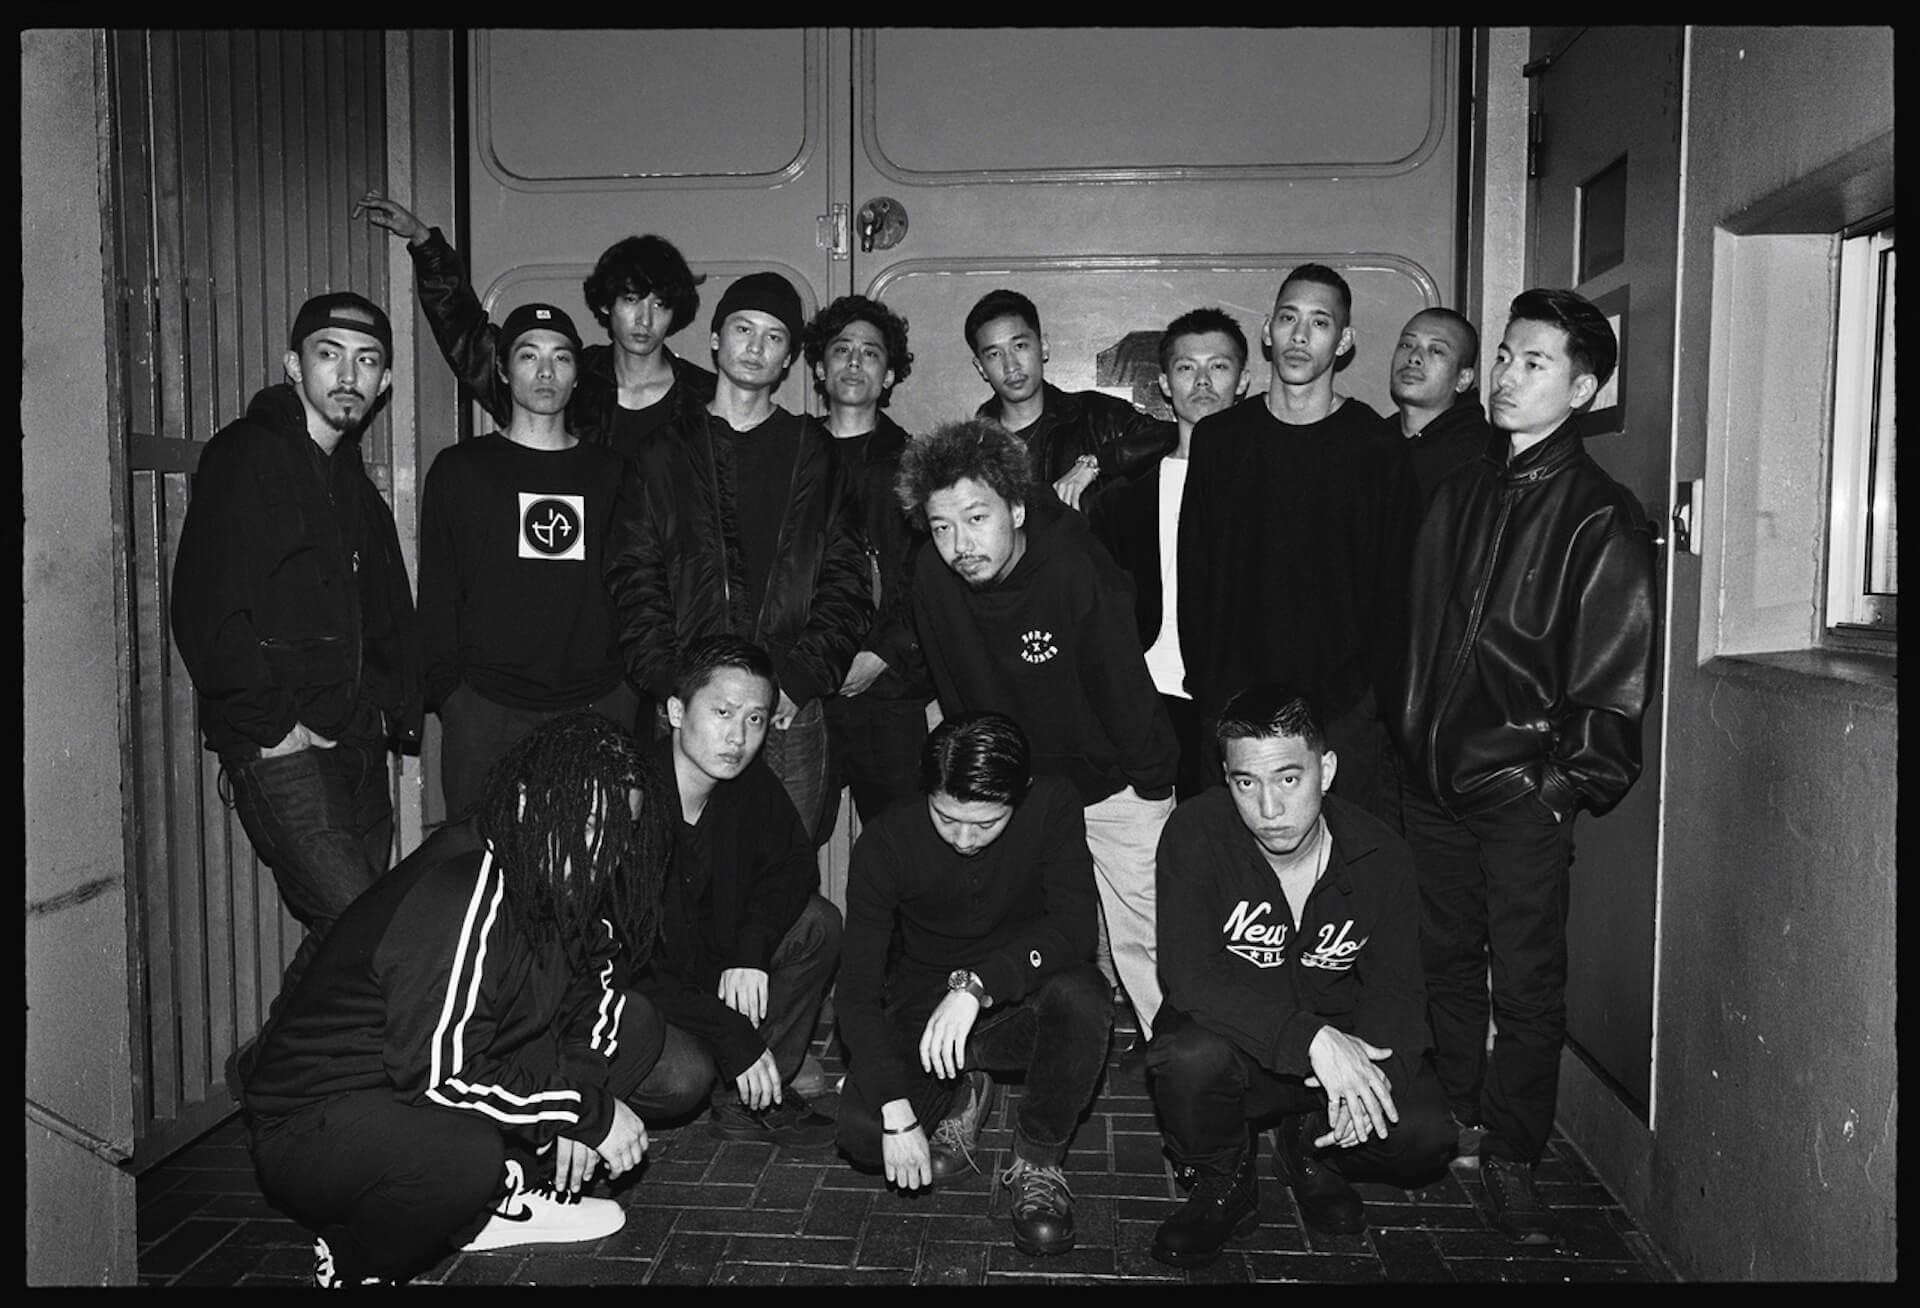 KANDYTOWNがセカンド・フル・アルバム『ADVISORY』を10月にリリース music190903-kandytown-1